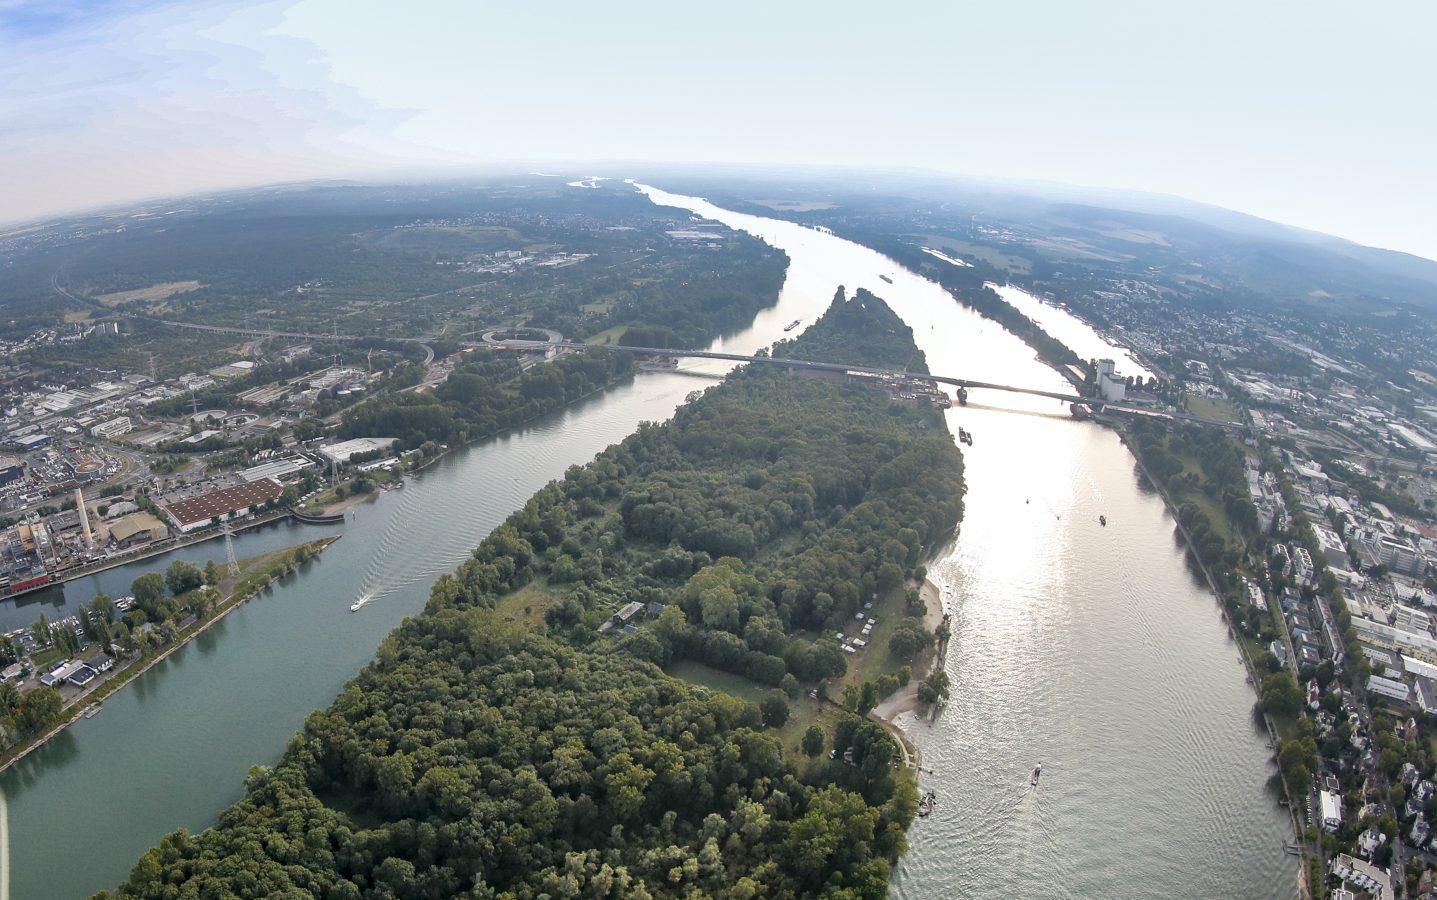 Von der Quelle bis zur Mündung: Tausende sammeln Müll am Rhein